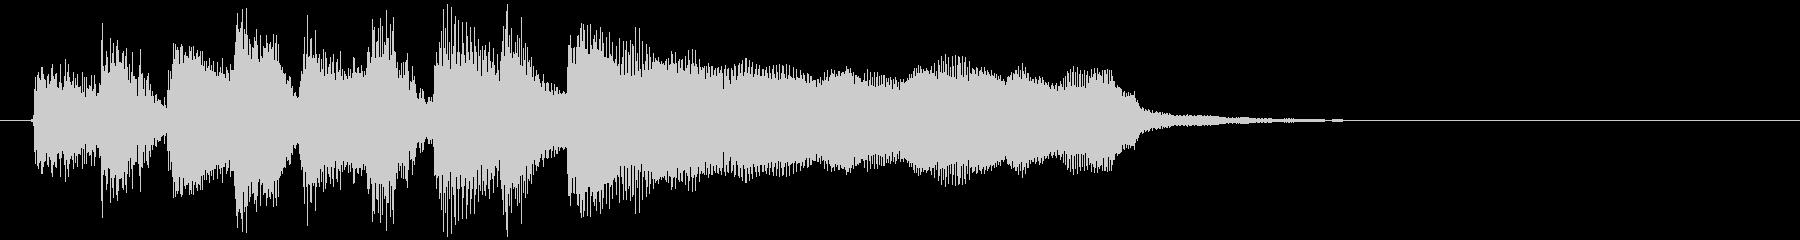 ステージクリアのジングル、ラッパ系の未再生の波形